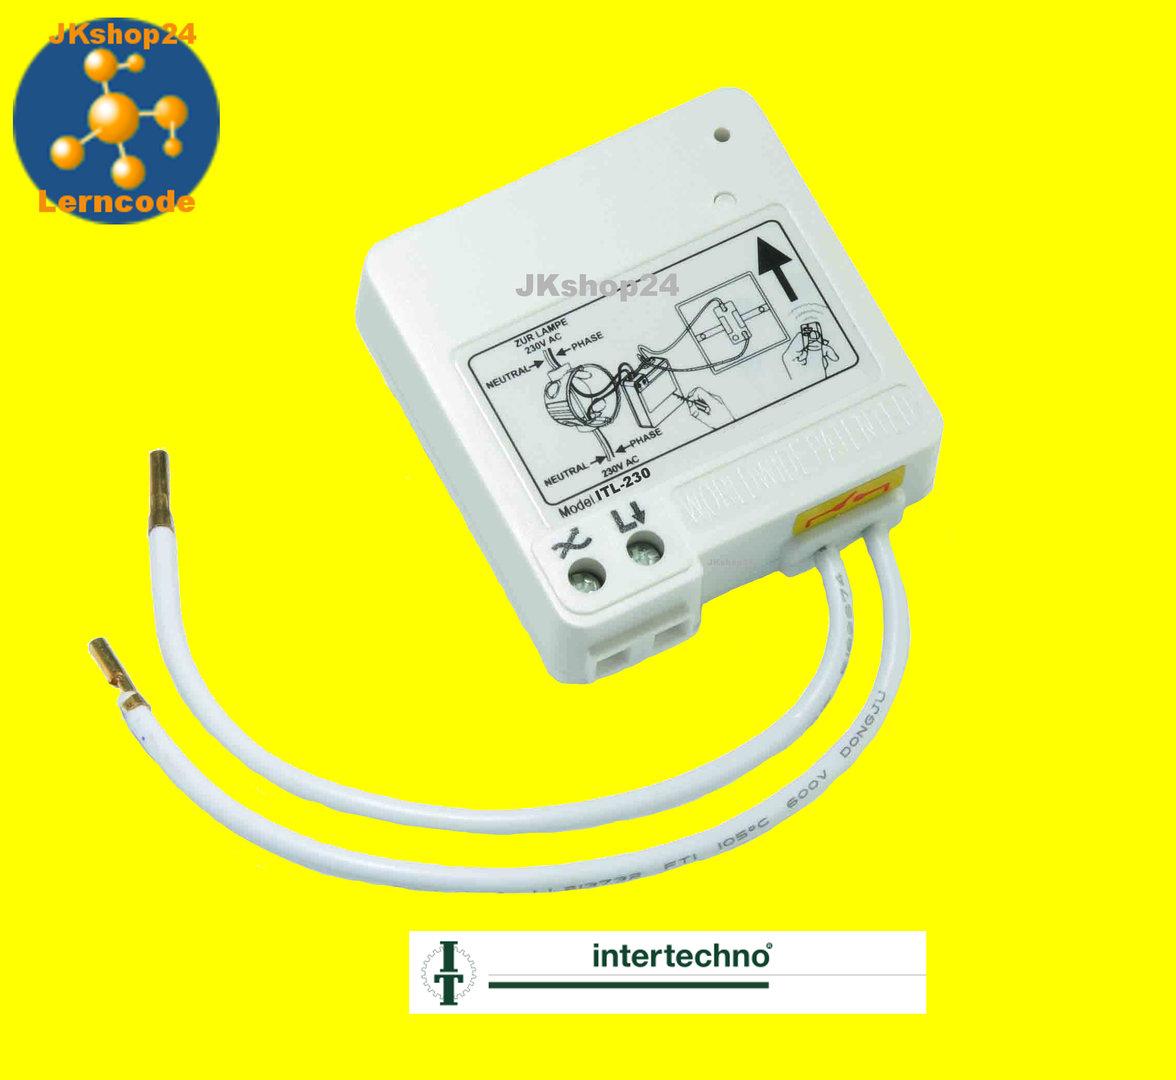 ITL-230 Funk-Modul EIN/AUS f.Lampen,el.Trafo,Halogen Intertechno ...